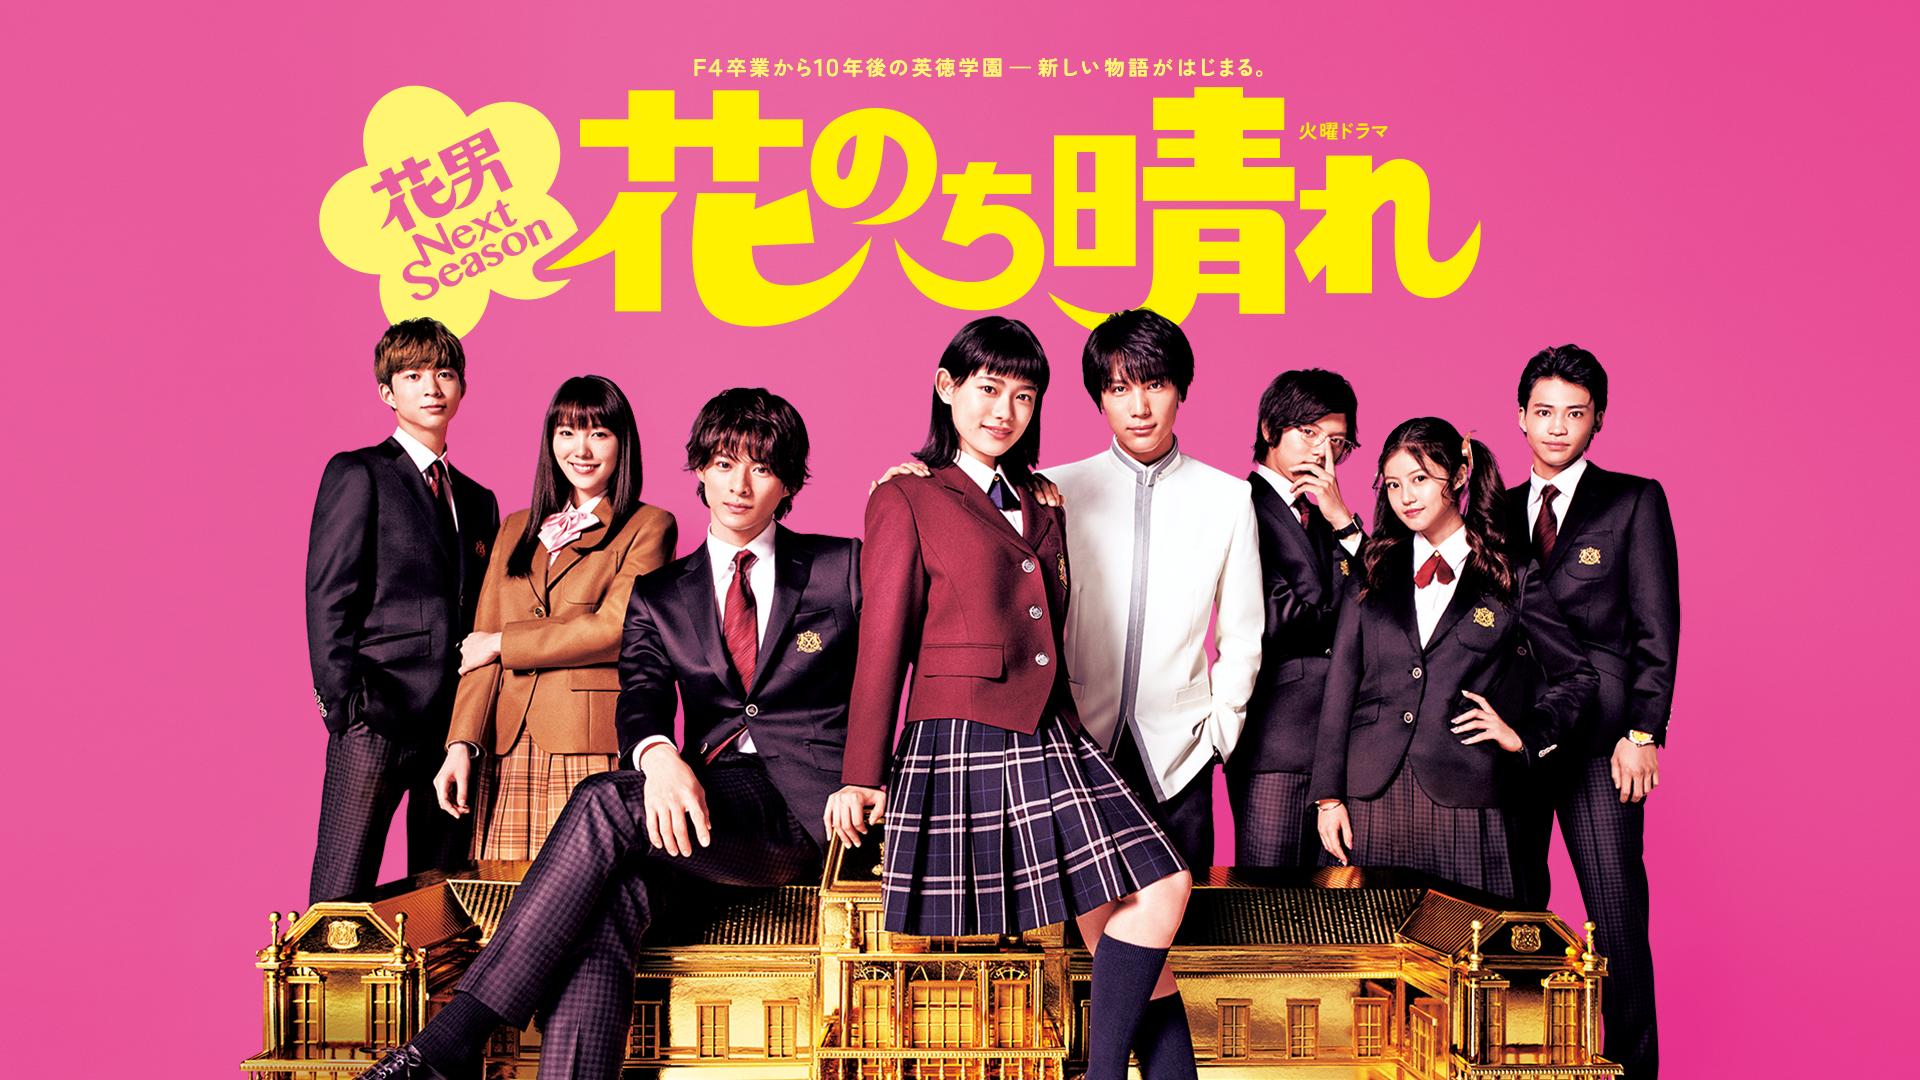 花のち晴れ ~花男 Next Season~ 動画